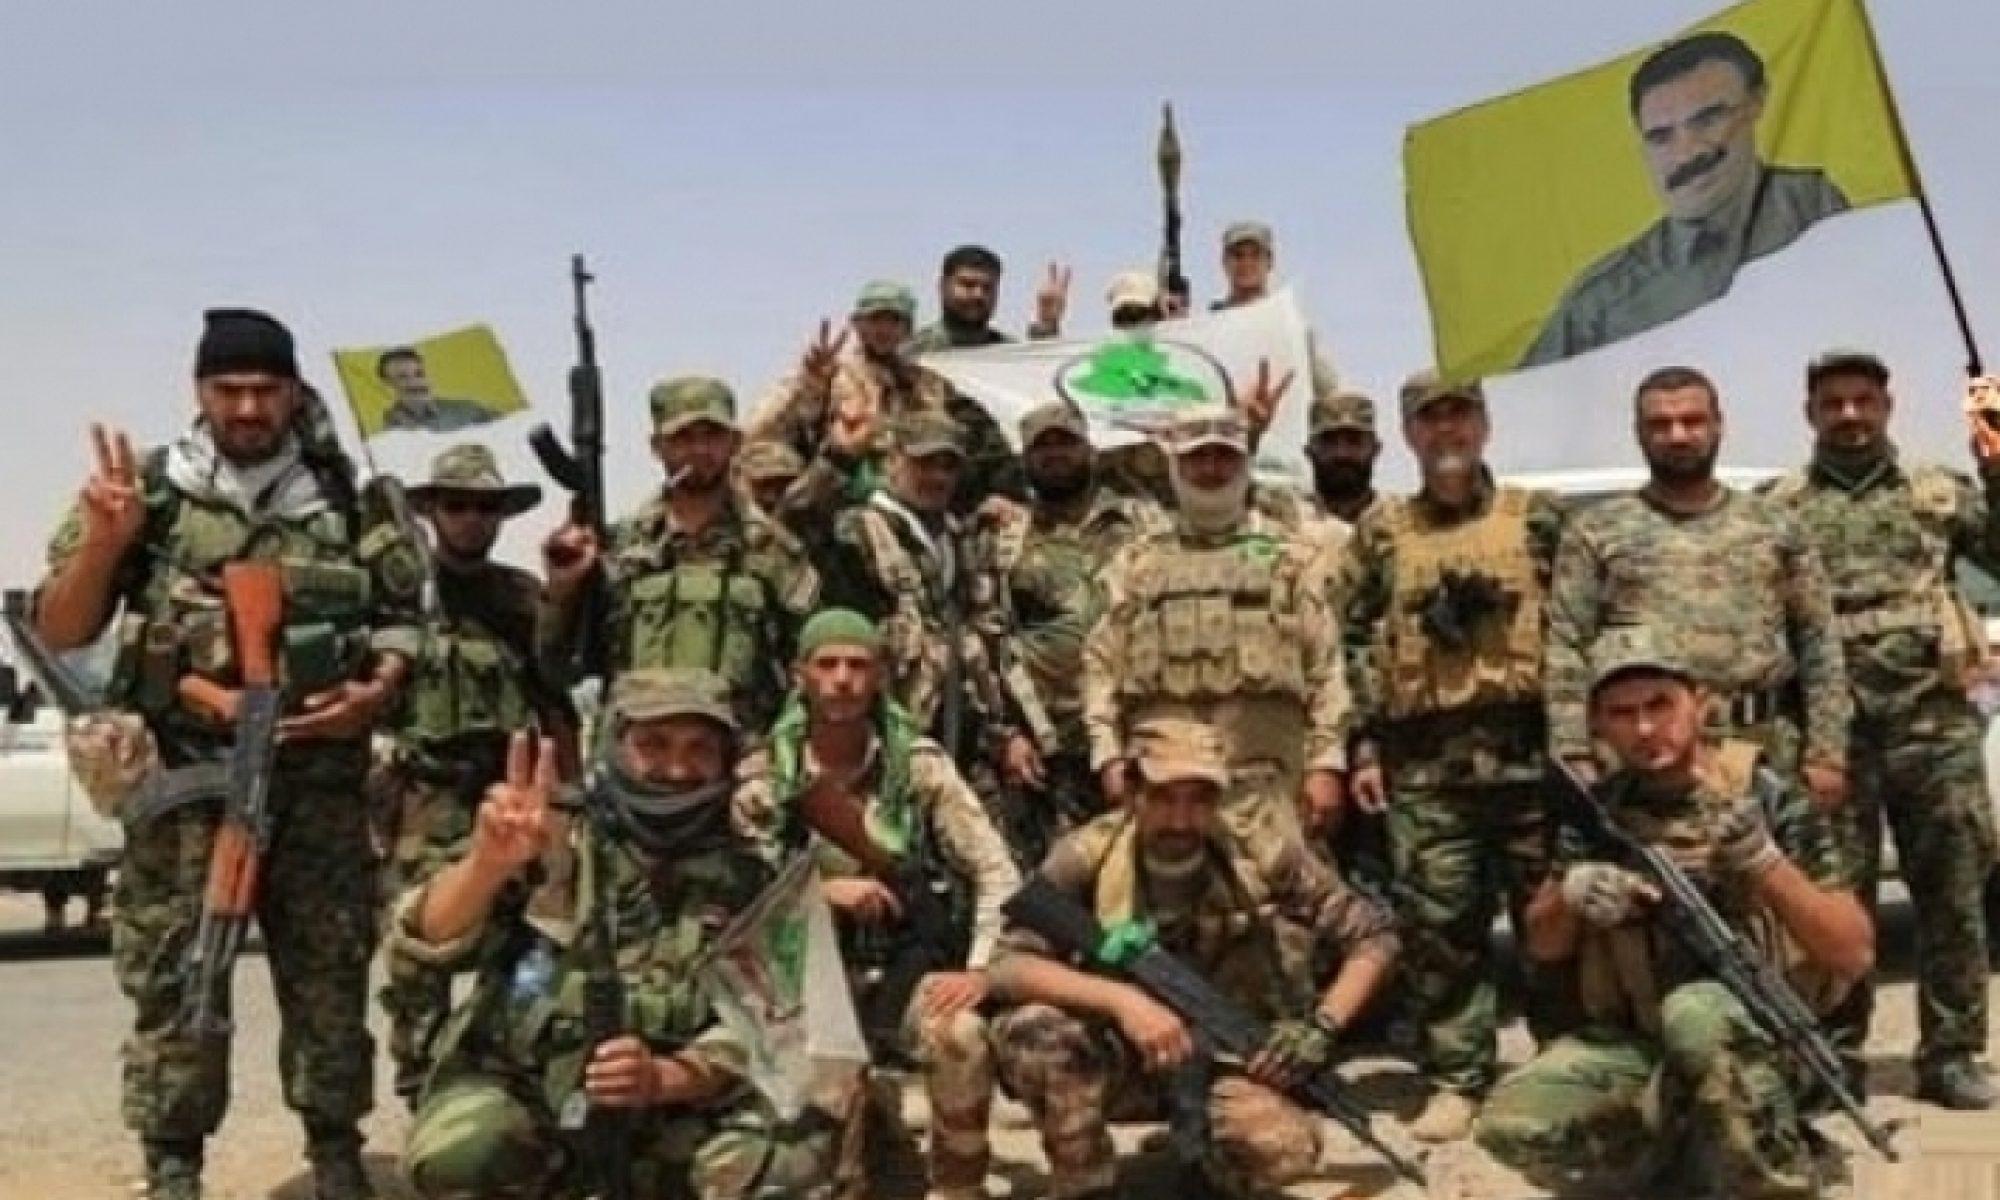 Şengal Peşmerge Güçleri Komutanı Qasim Dirbo, Şengal'deki PKK'ye bağlı silahlı grupların, Haşdi Şaabi'nin yardımıyla Irak'tan maaş aldıklarını söyledi. Şengal Peşmerge komutanı Qasim Dirbo BasNews'e yaptığı açıklamada, Şengal'deki PKK bağlantılı silahlı grupların kendilerini Haşdi Şabi güçlerine bağlayarak bu şekilde Irak'ın maaş sistemine kaydedildiklerini ve Bağdat'tan maaş aldıklarını belirterek geçen ay, bu silahlı grup üyeleri için kişi başına 1 milyon Irak Dinar'ı ödeme yapıldığını ifade etti. Qasim Dirbo açıklamasının devamında, PKK'nın bu üyelerine maaşlarının tümünü ödemediğini, sadece 400 dolar kişi başına verdiğini, geri kalan diğer miktarını kendi hesaplarına geçirdiklerini söyledi. Şengal Güçleri Peşmerge Sorumlusu Qasim Dirbo açıklamasının sonunda, Bağdat'ın PKK'ye bağlı silahlı güçlerin maaşlarını sağlamaya devam ettiğini belirterek, Haşdi Şabi'nin İran'a bağlı olduğunu herkes tarafından bilindiğini, bu yüzden hiç kimsenin PKK güçlerini engelleyip Şengal'e barış ve huzurun getirileceğine inanmadığını kaydetti.